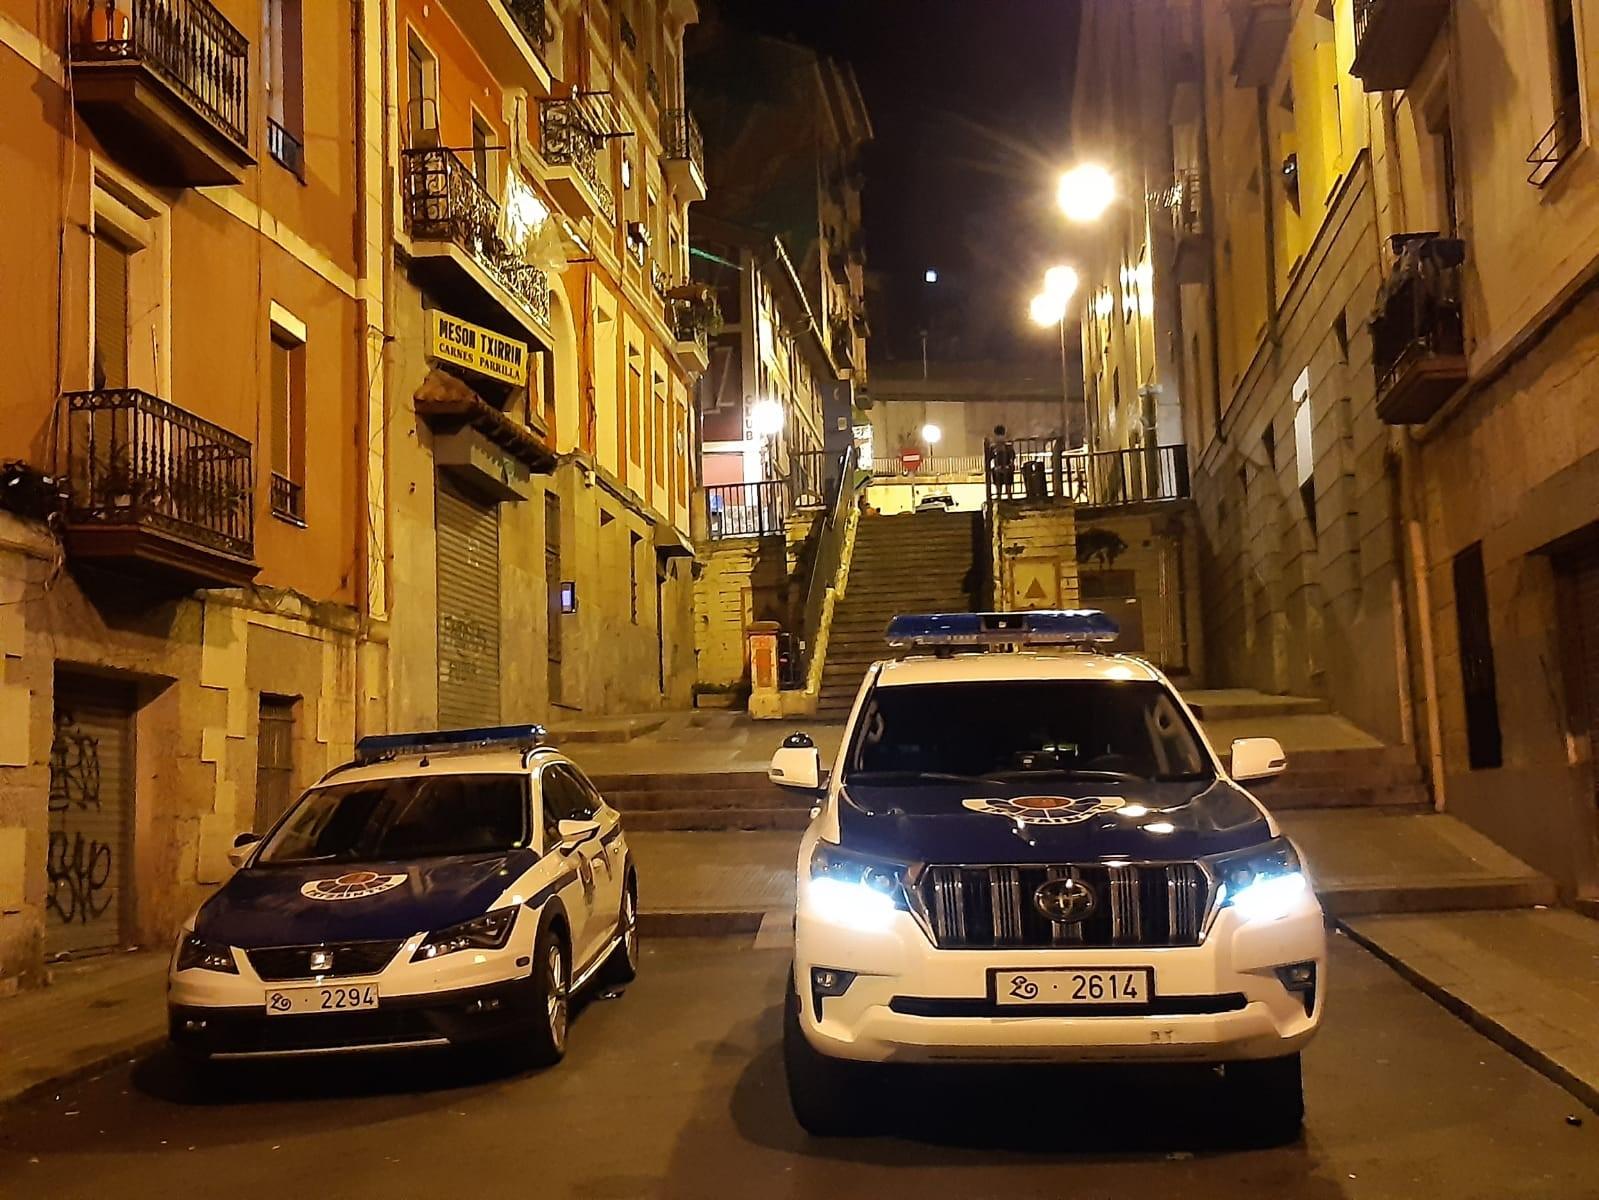 Coche_patrulla_noche_sin_matricula.JPG